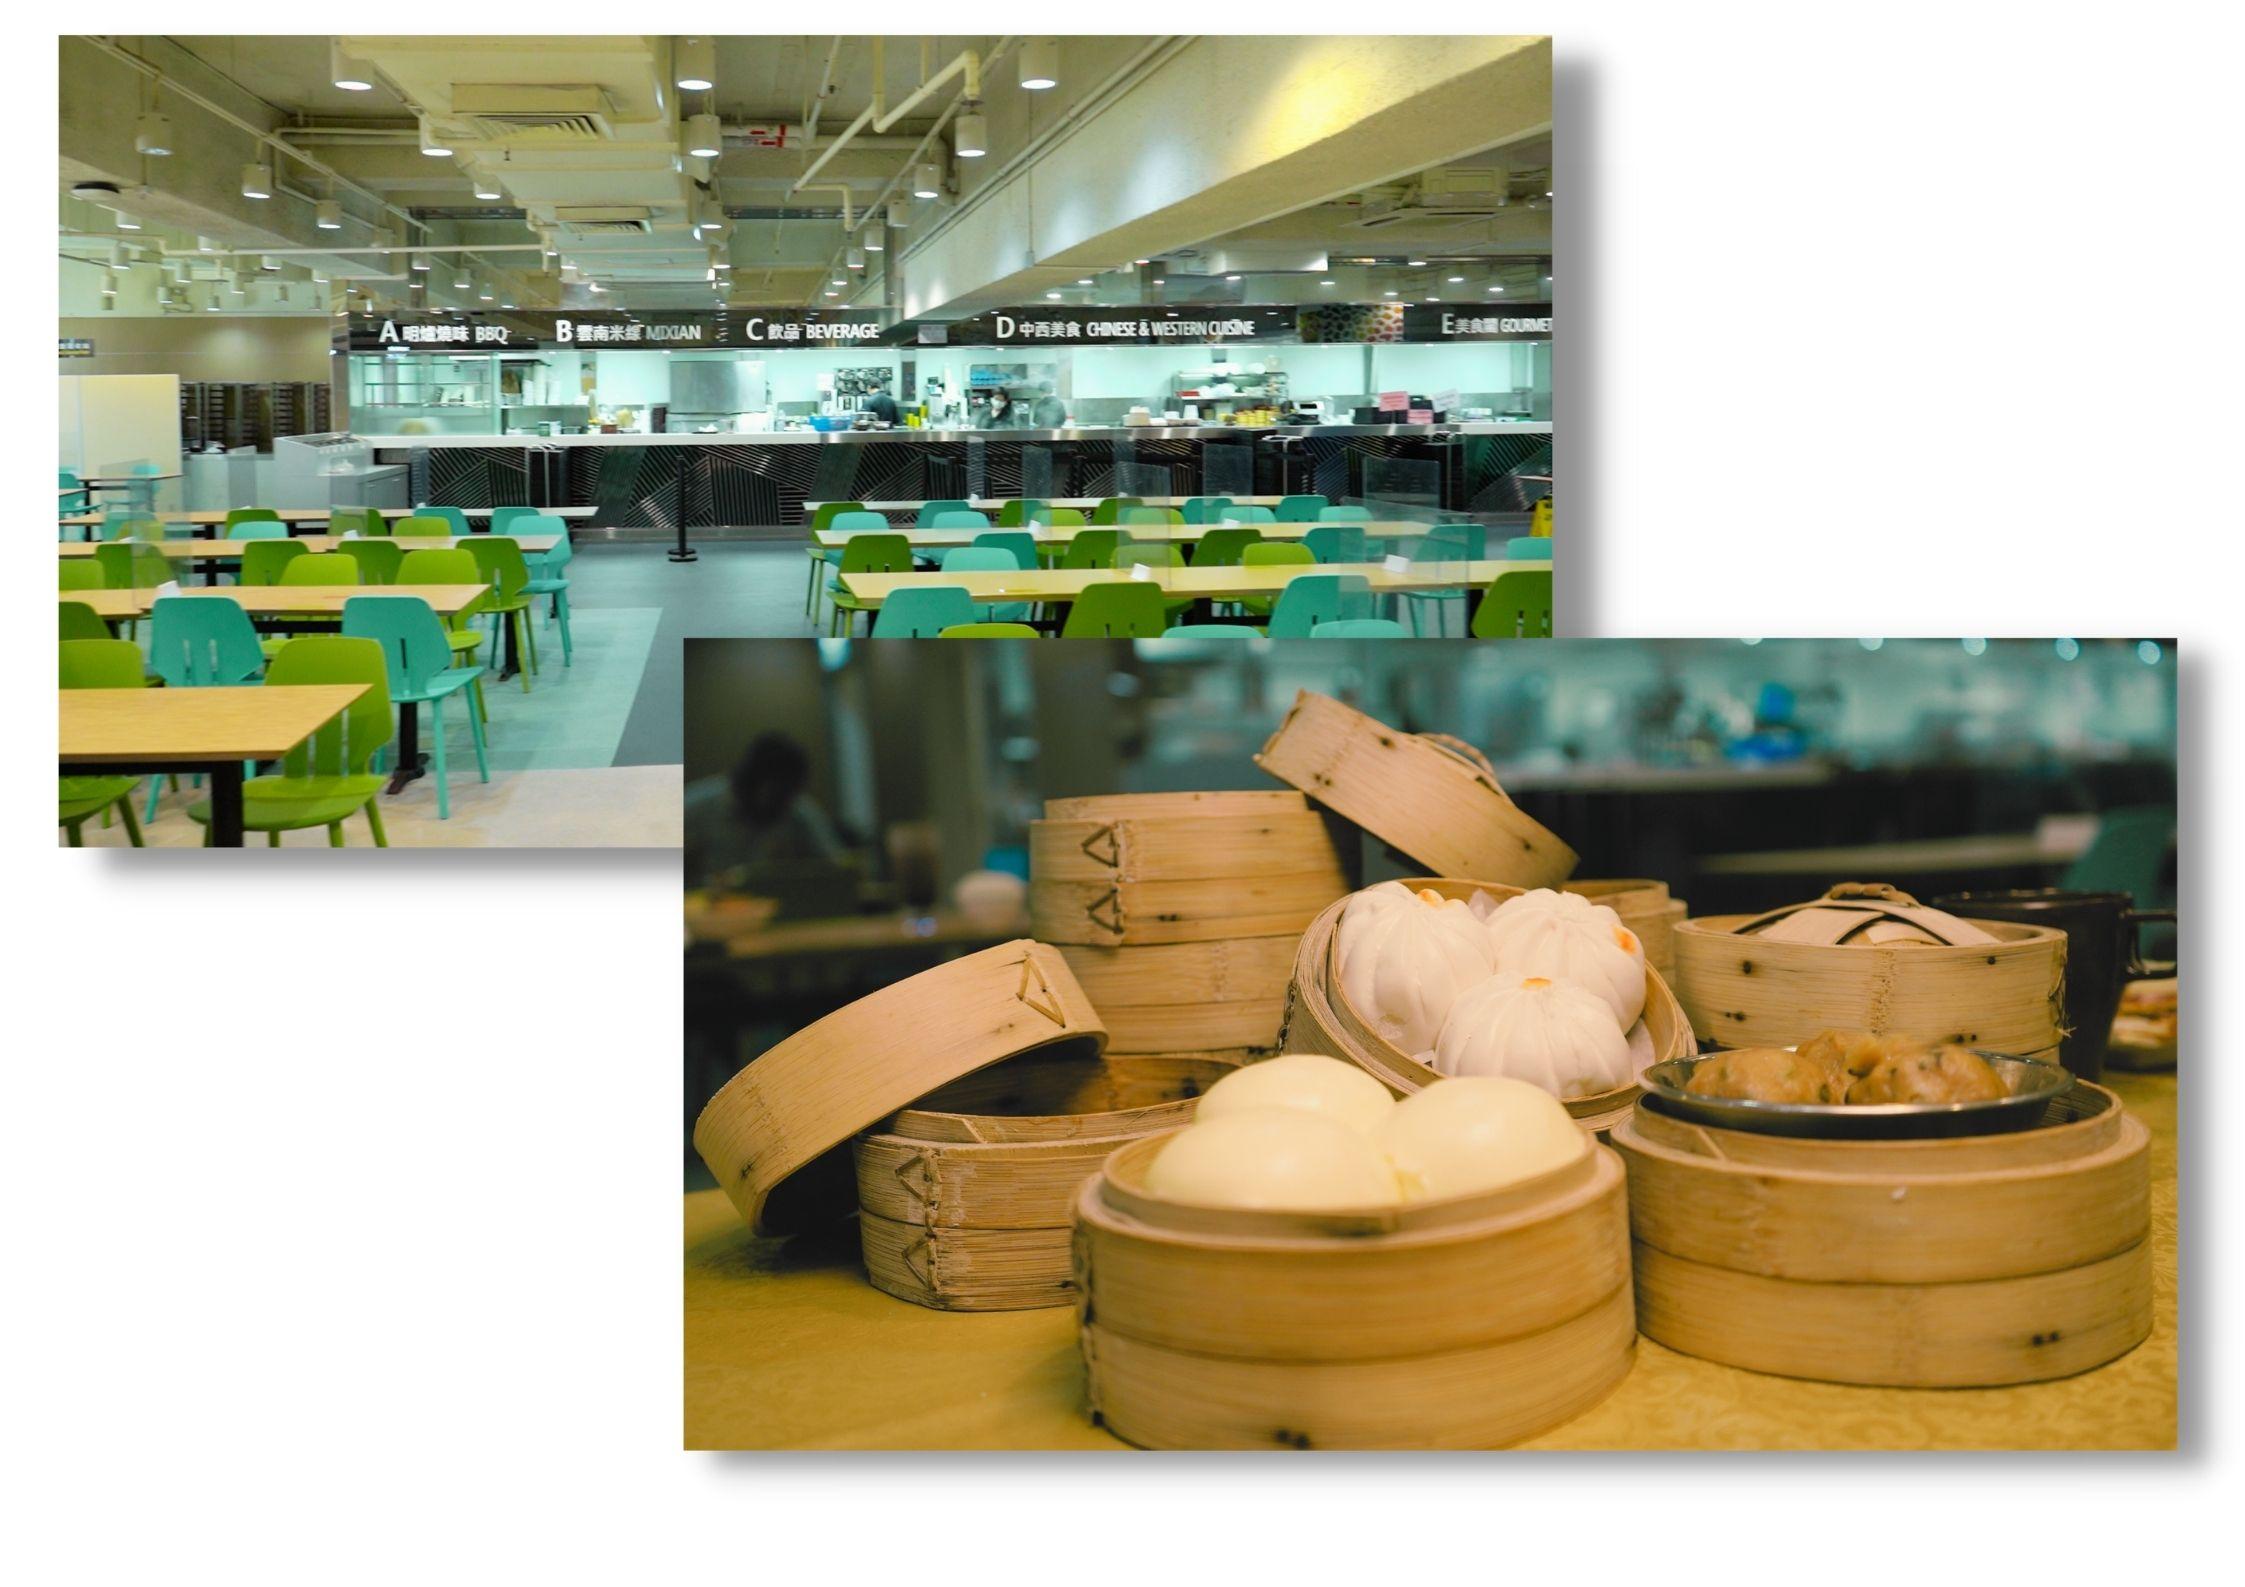 Fong Shu Chuen Amenities Centre Restaurant outlet picture